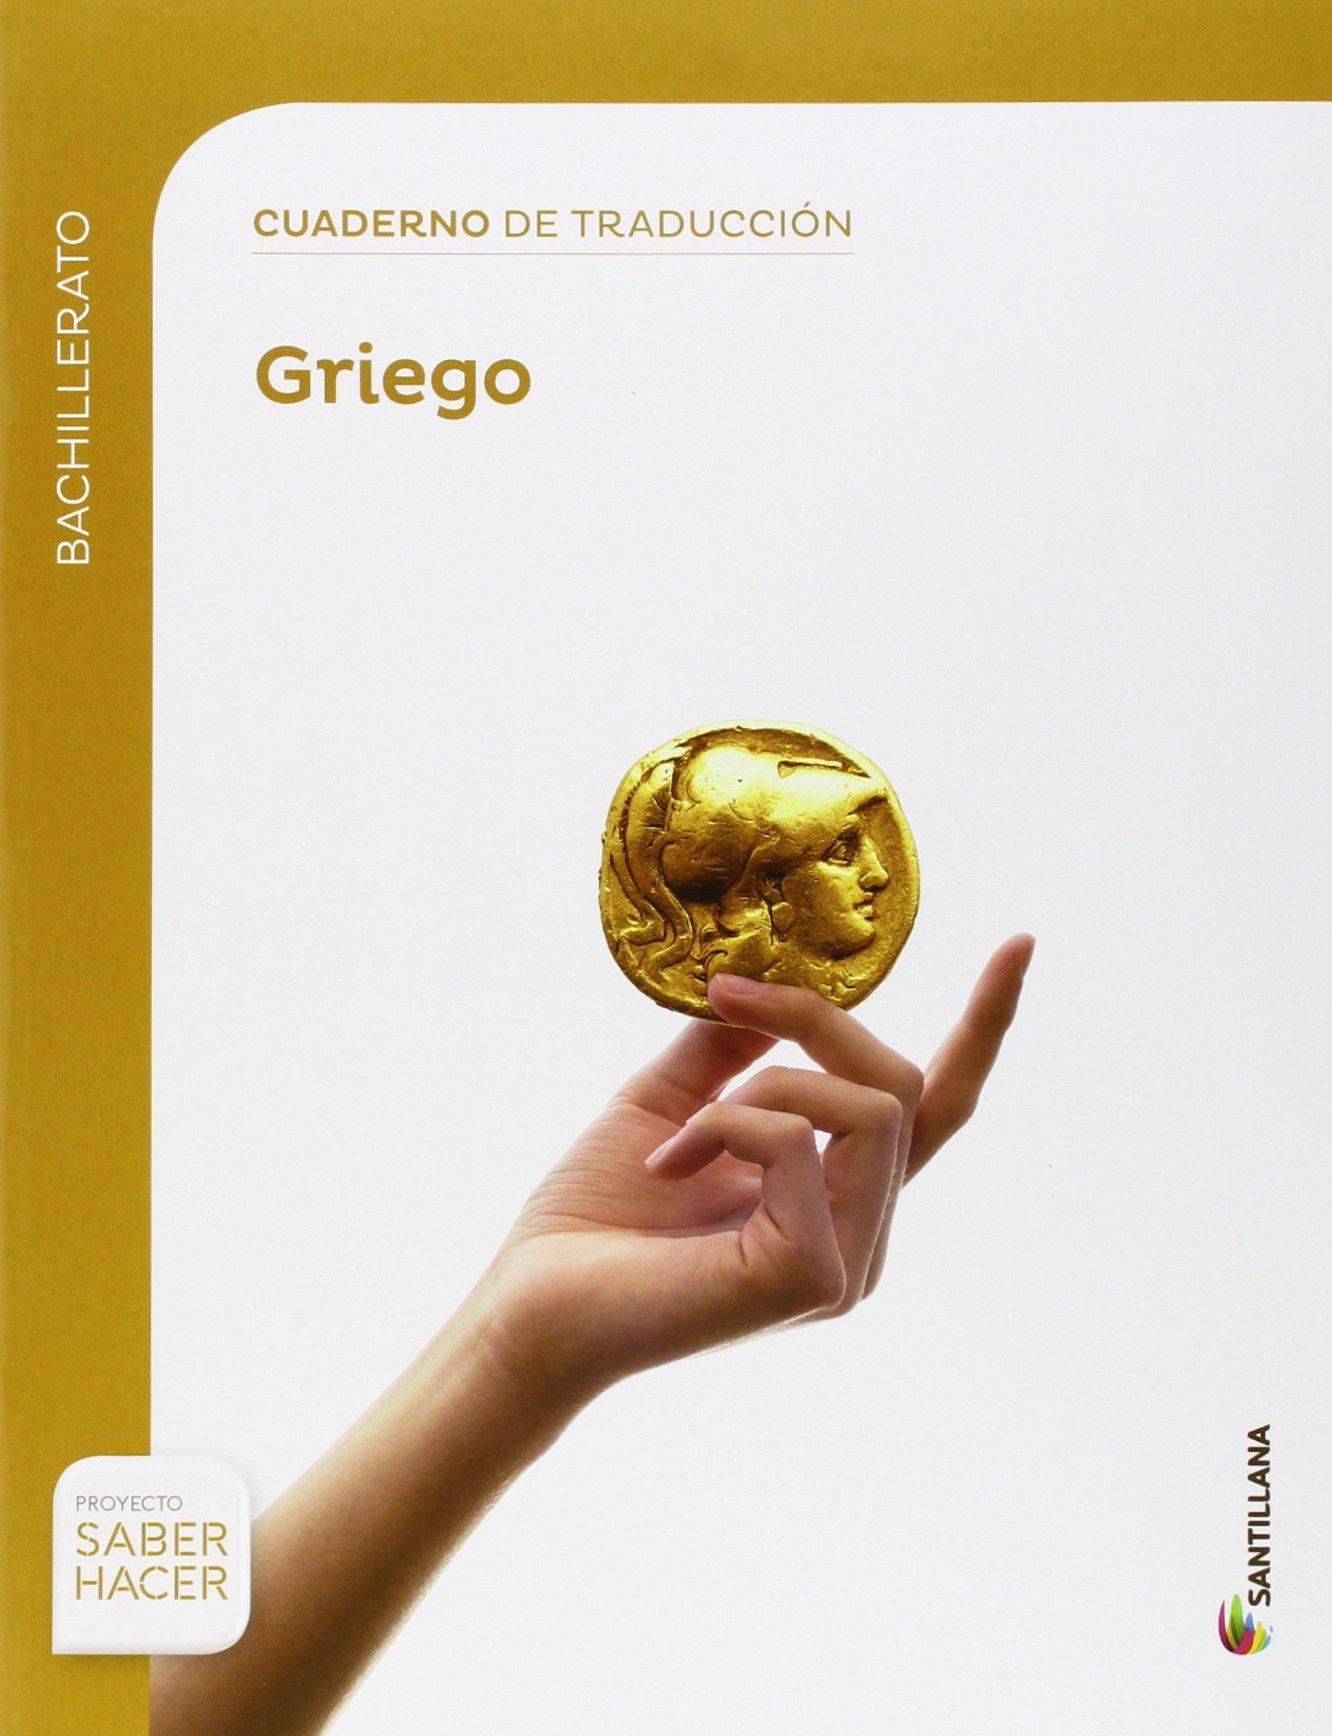 CUADERNO TRADUCCIOM AL GRIEGO BTO SABER HACER - 9788468019673: Amazon.es: Aa.Vv.: Libros